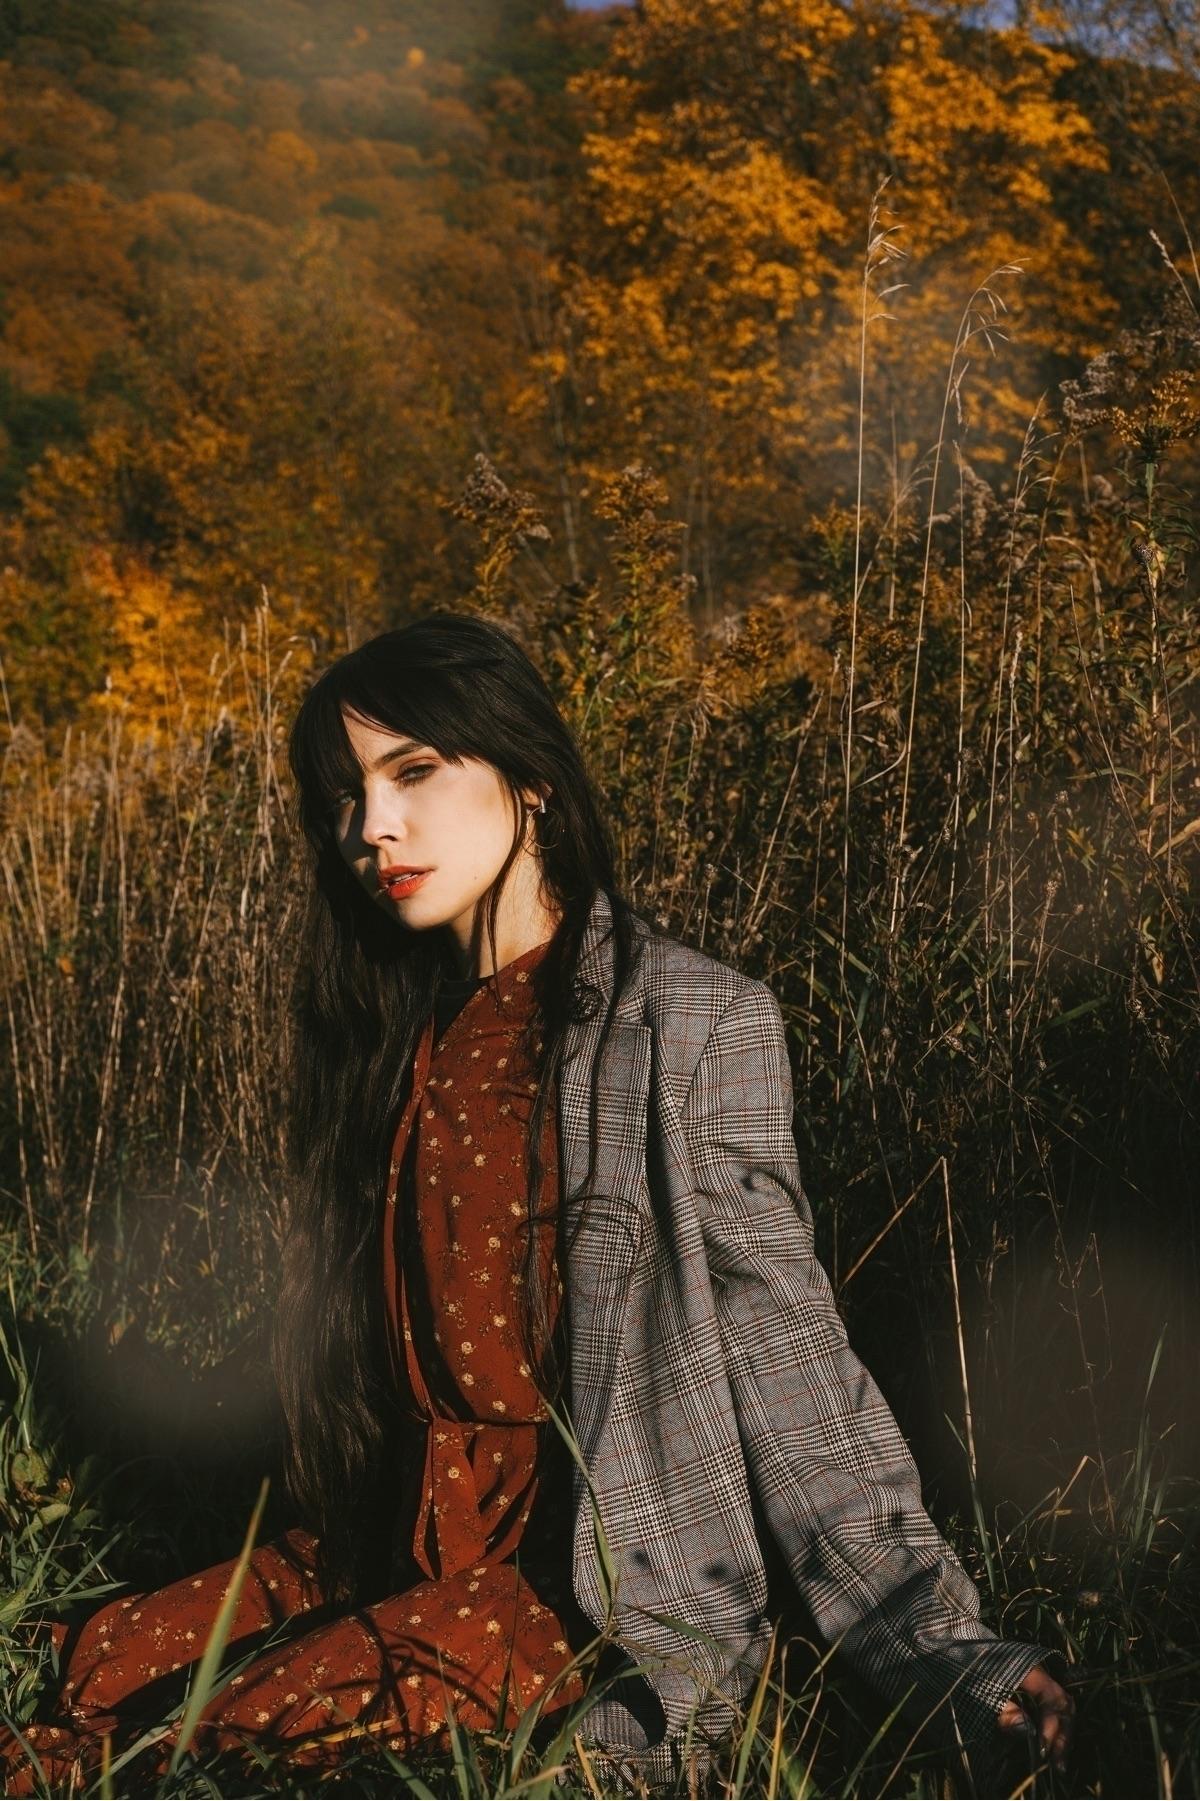 autumn days upstate York portra - racheldashae | ello